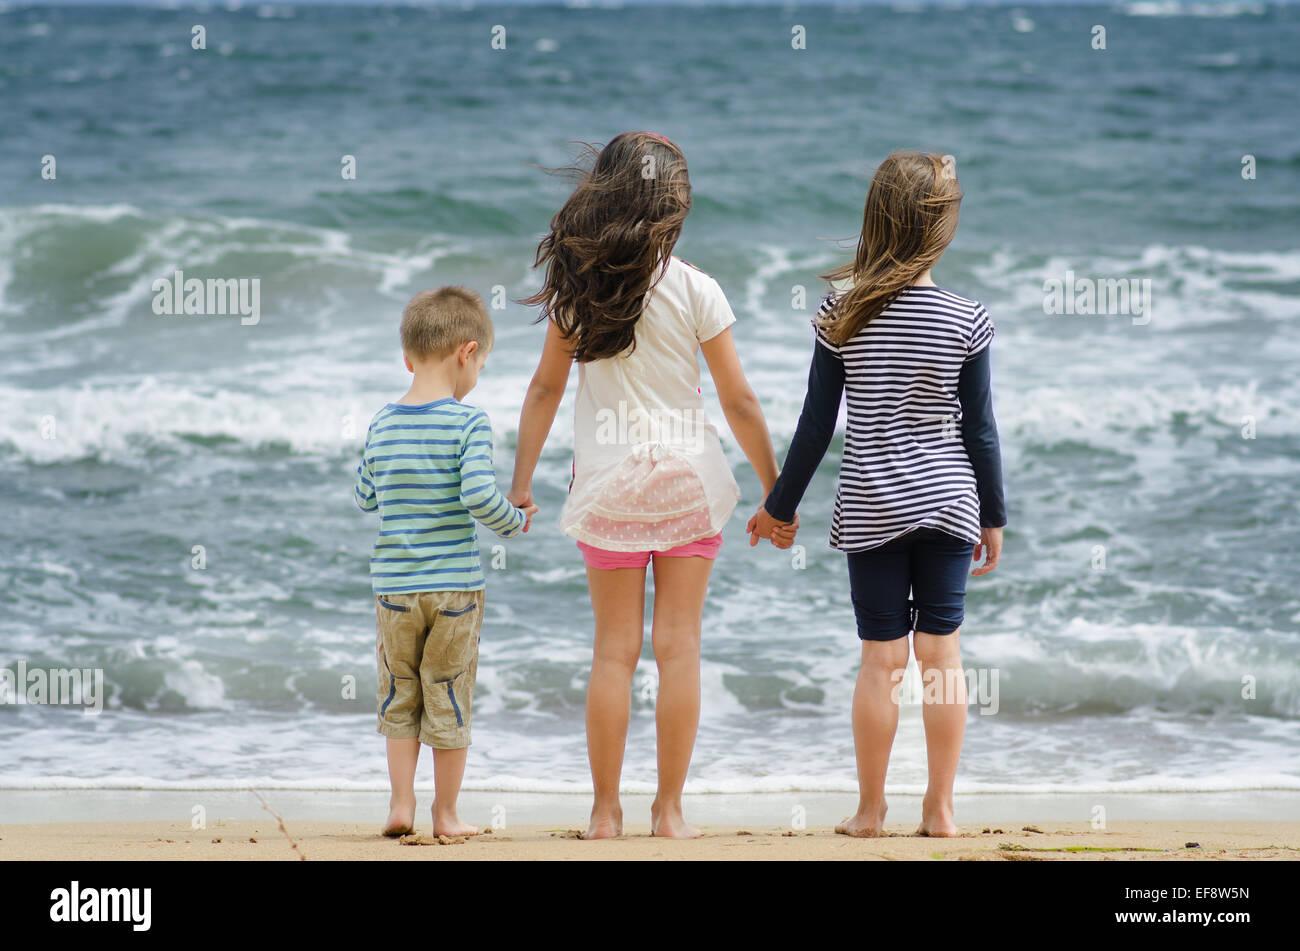 La Bulgarie, deux filles (8-9) and boy (4-5) à l'article en ligne surf holding hands looking at sea Photo Stock